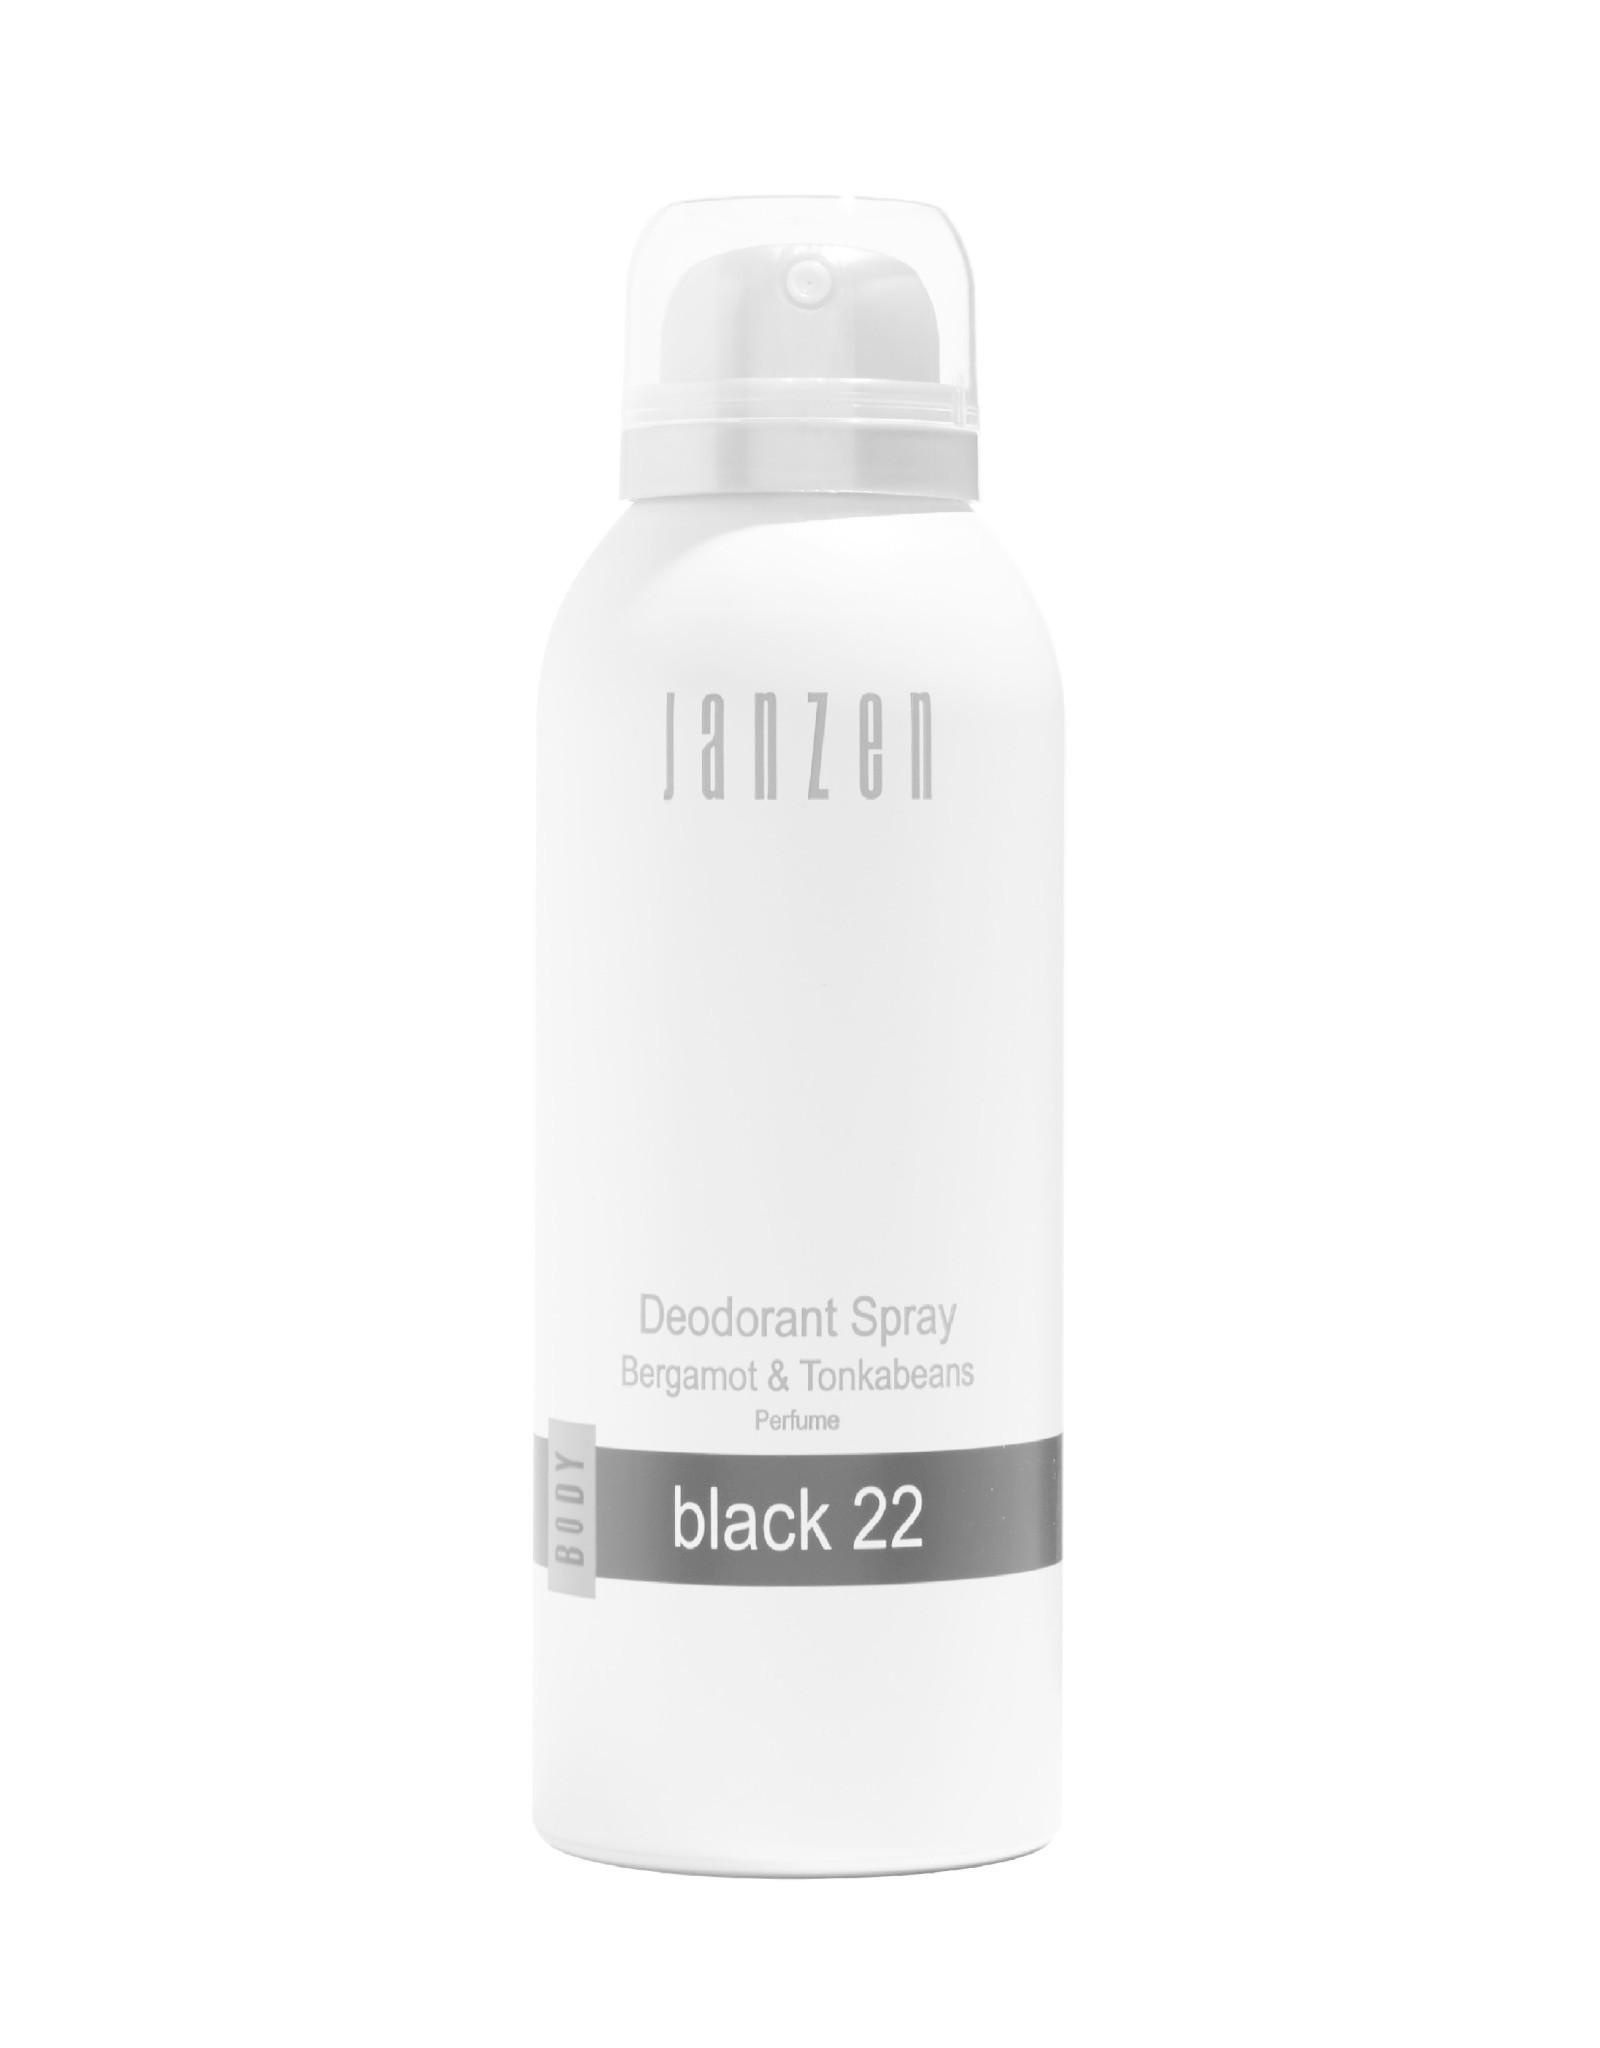 JANZEN Deodorant Spray Black 22 150ml - JANZEN